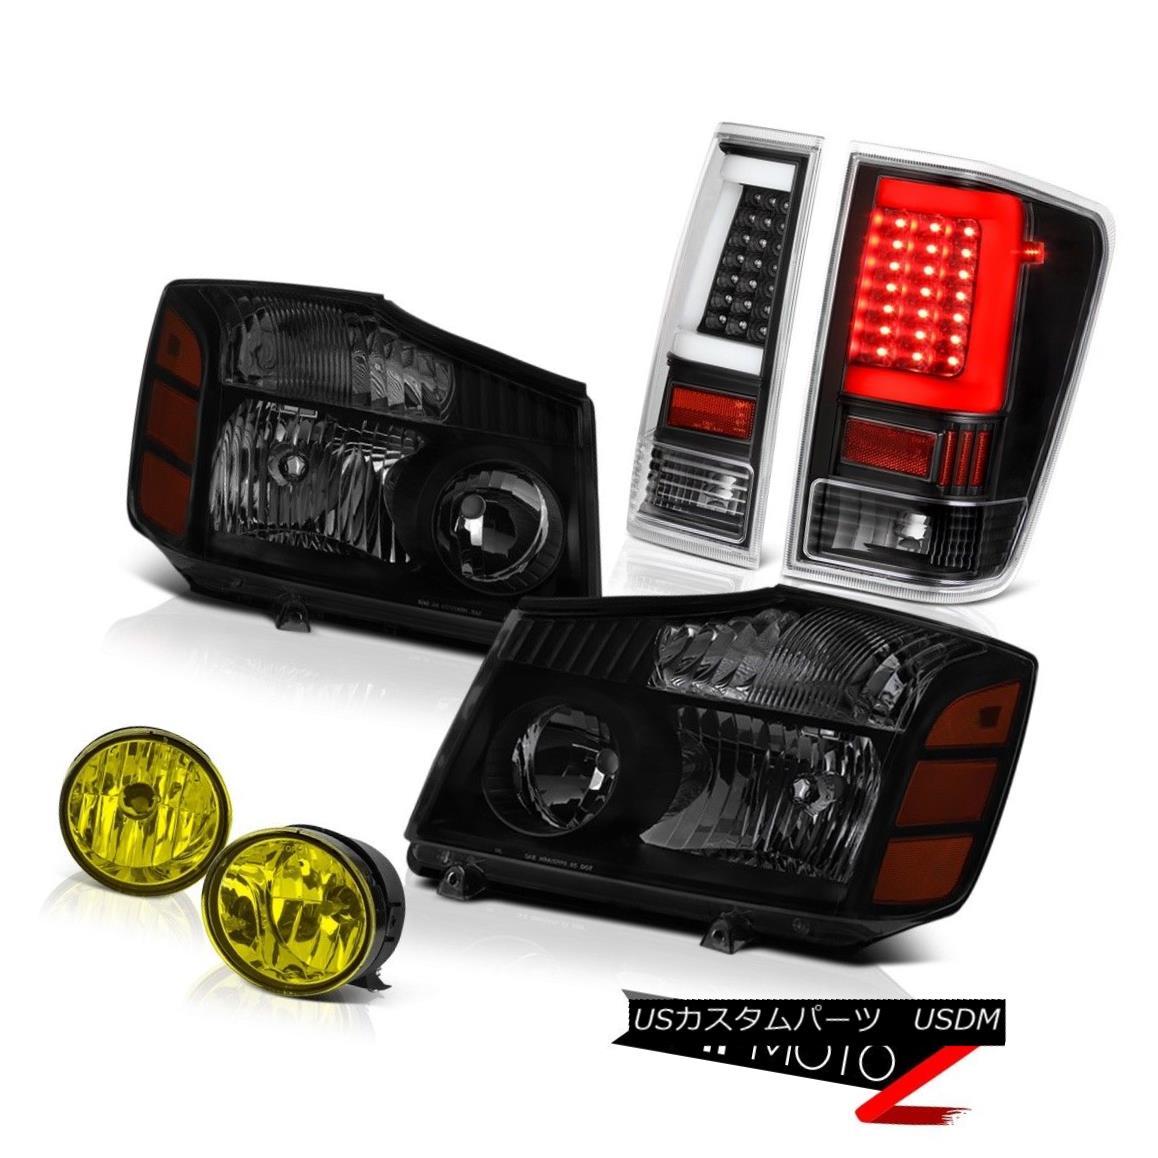 ヘッドライト 04 05 06-14 For Nissan Titan Bright Yellow Spot Inky Black Rear Head Lamps Pair 04 05 06-14日産自動車タイタン用明るいイエロースポットInky Blackリアヘッドランプペア